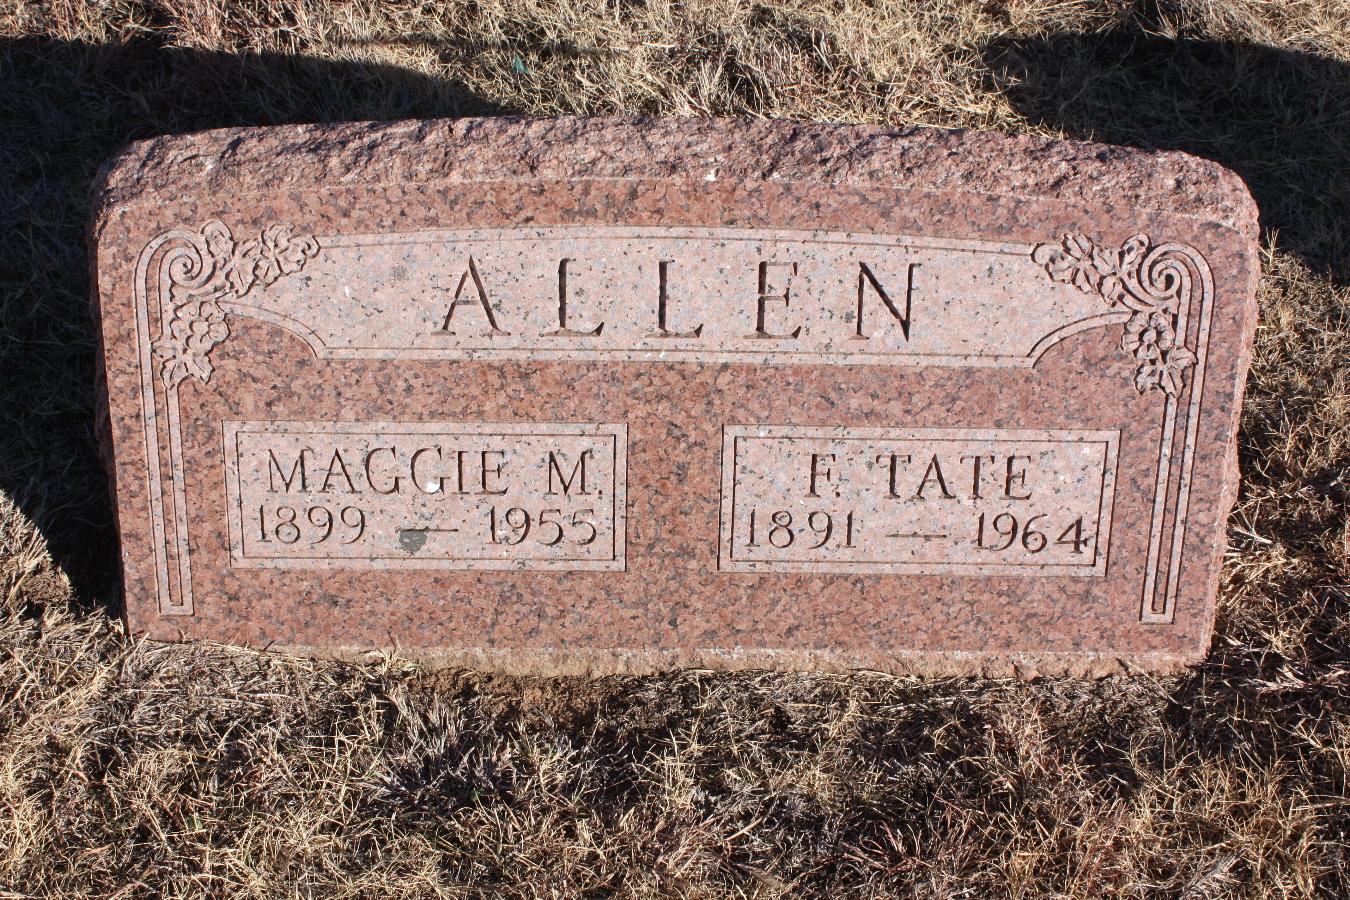 Maggie M Allen